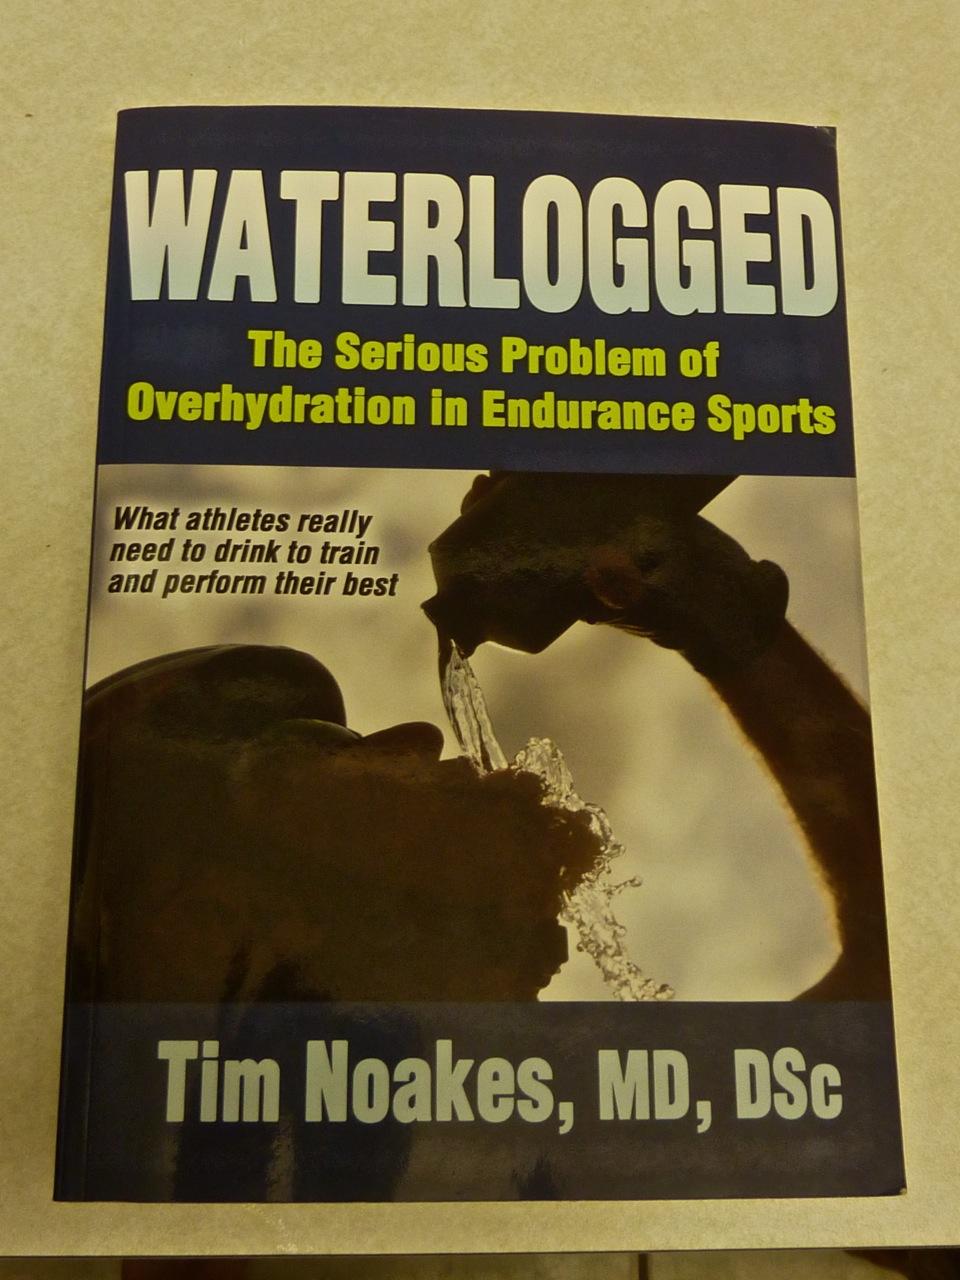 Dehydration Despite Drinking Water